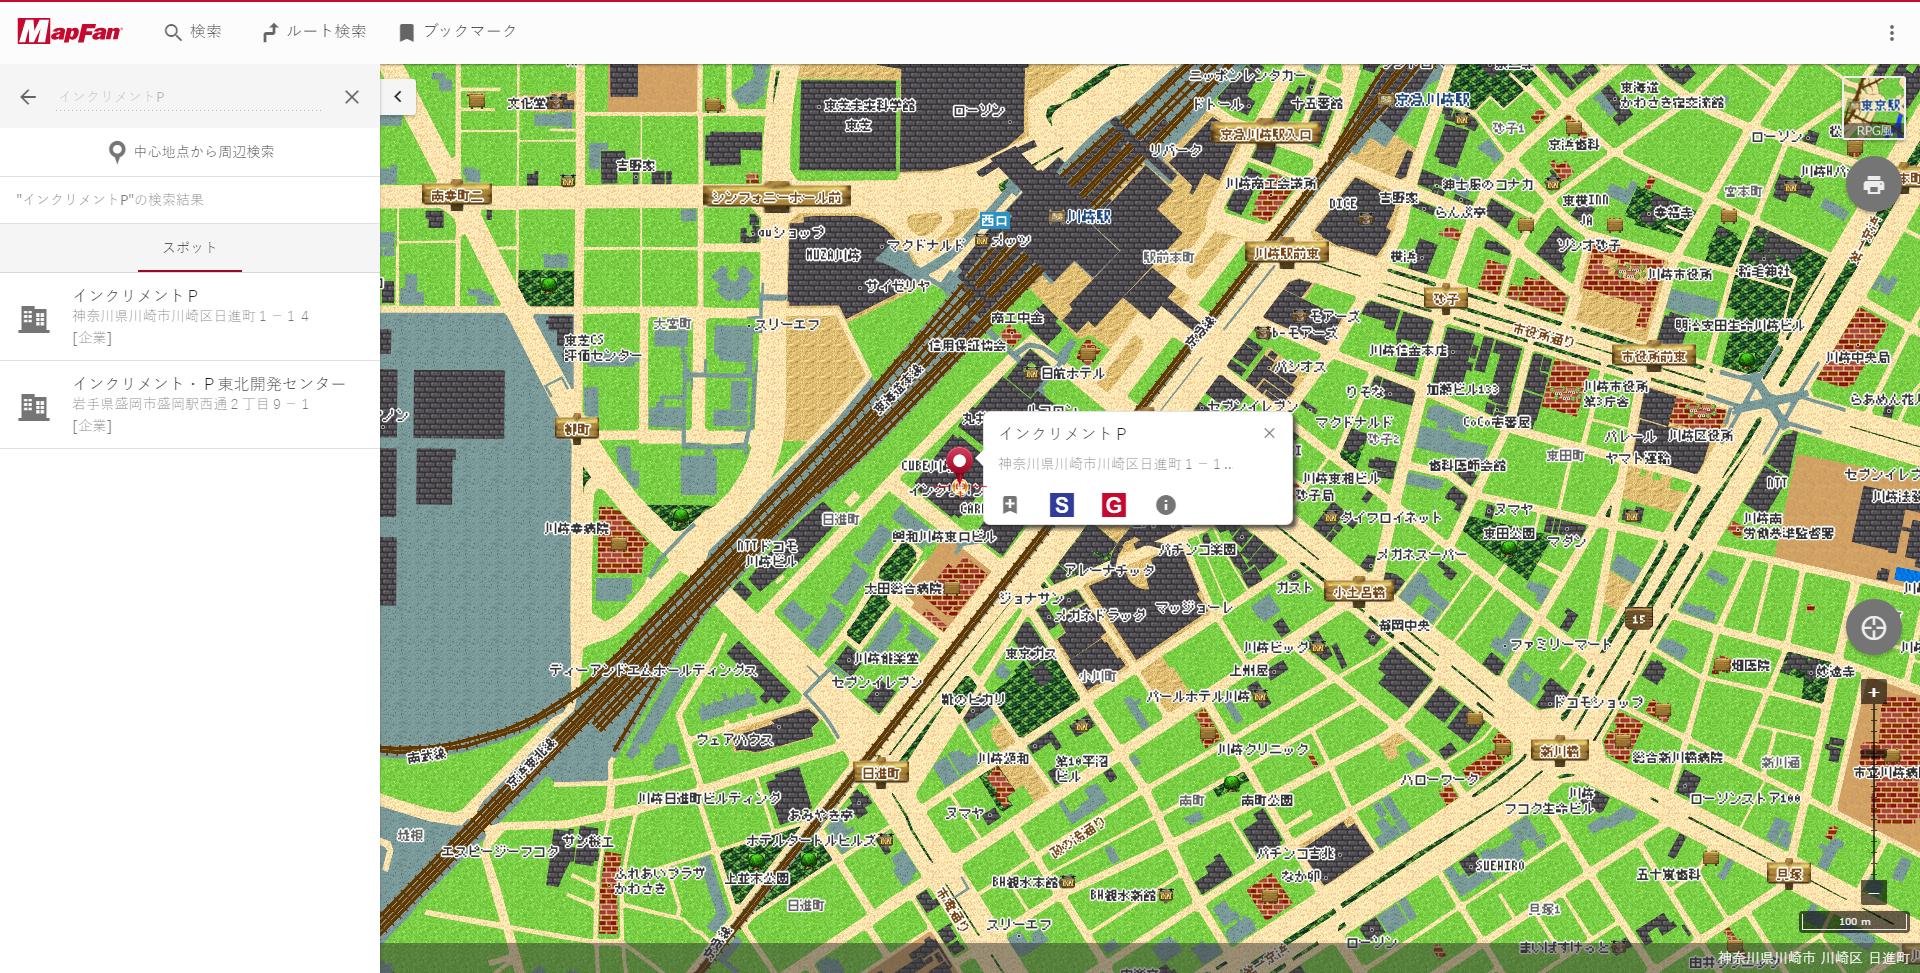 RPG風。「MapFan Web」がRPG風のの地図デザインになるというネタは、すでに昨年の4月1日に使用済みだったはず、と思われるかもしれないが……